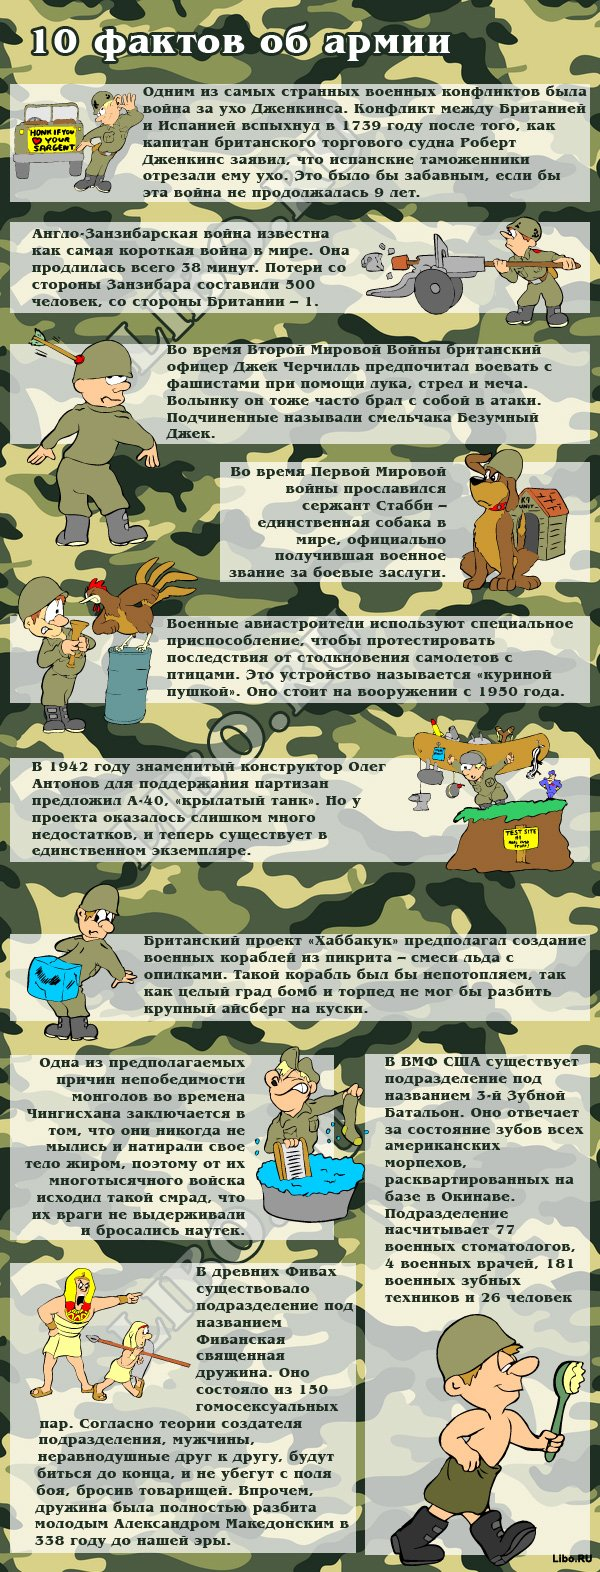 10 фактов об армии